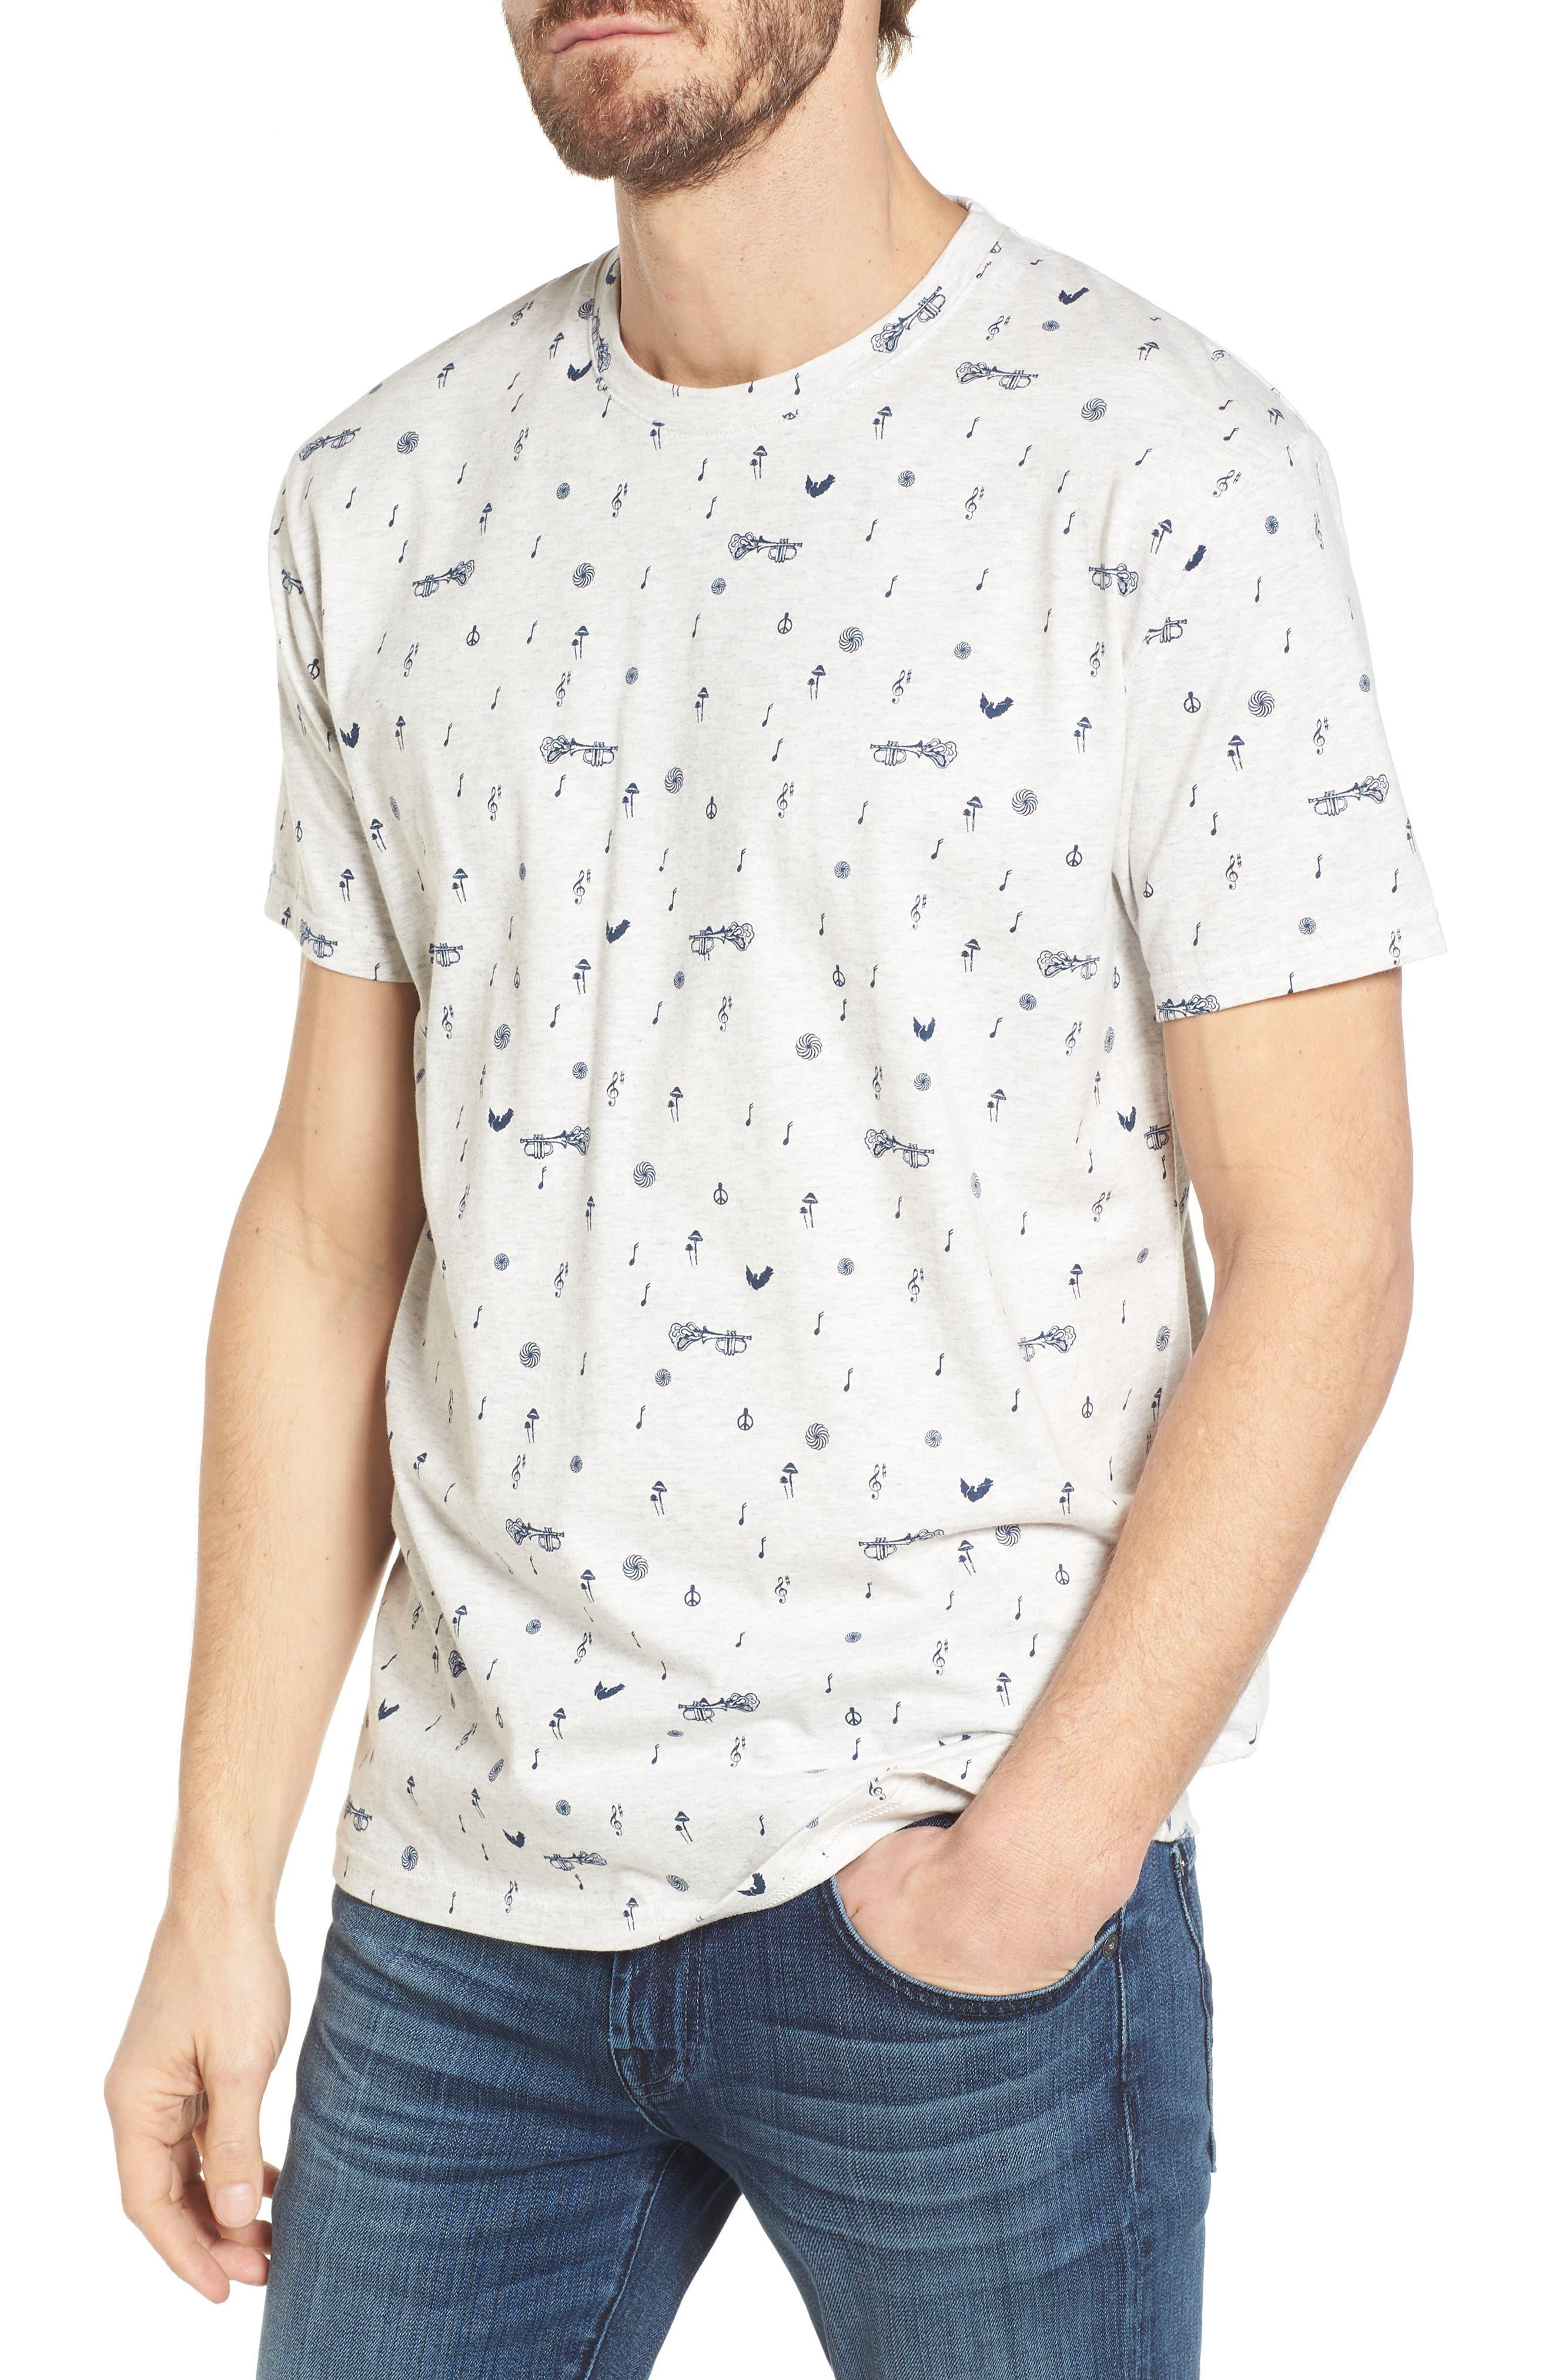 Ben Sherman Musical Notes Crewneck T-Shirt